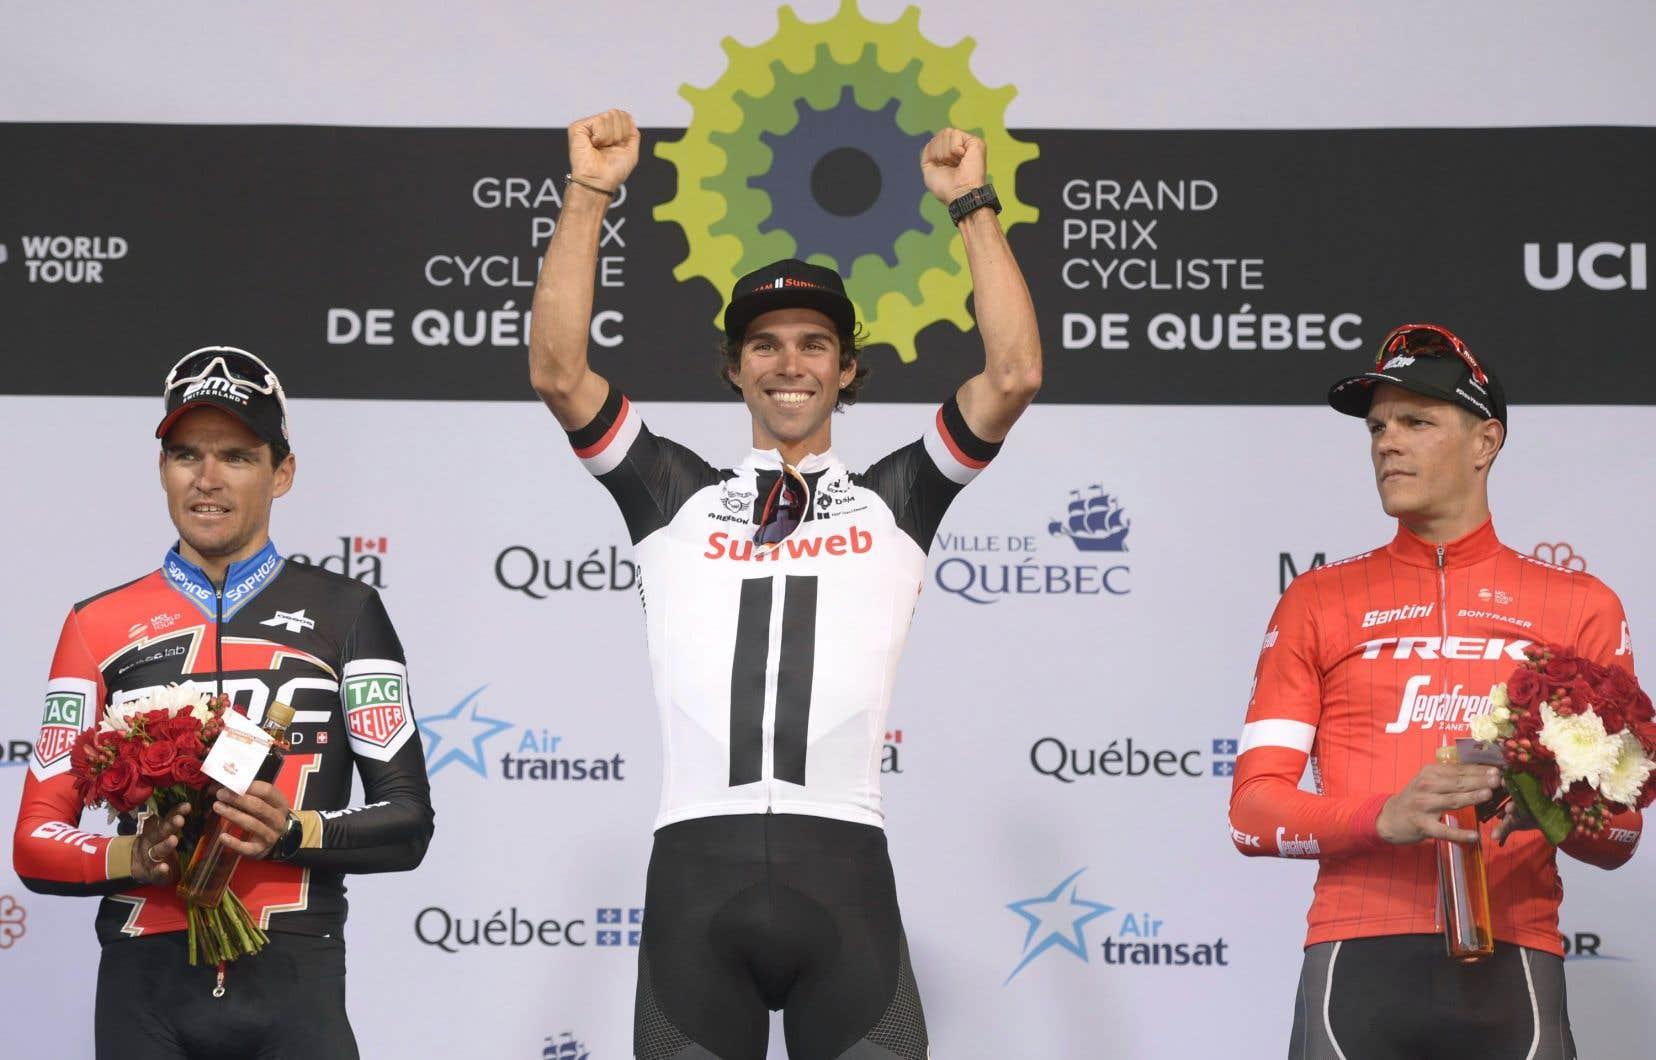 <p>Le cycliste Michael Matthews sur la première marche du podium au Grand Prix cycliste de Québec</p>